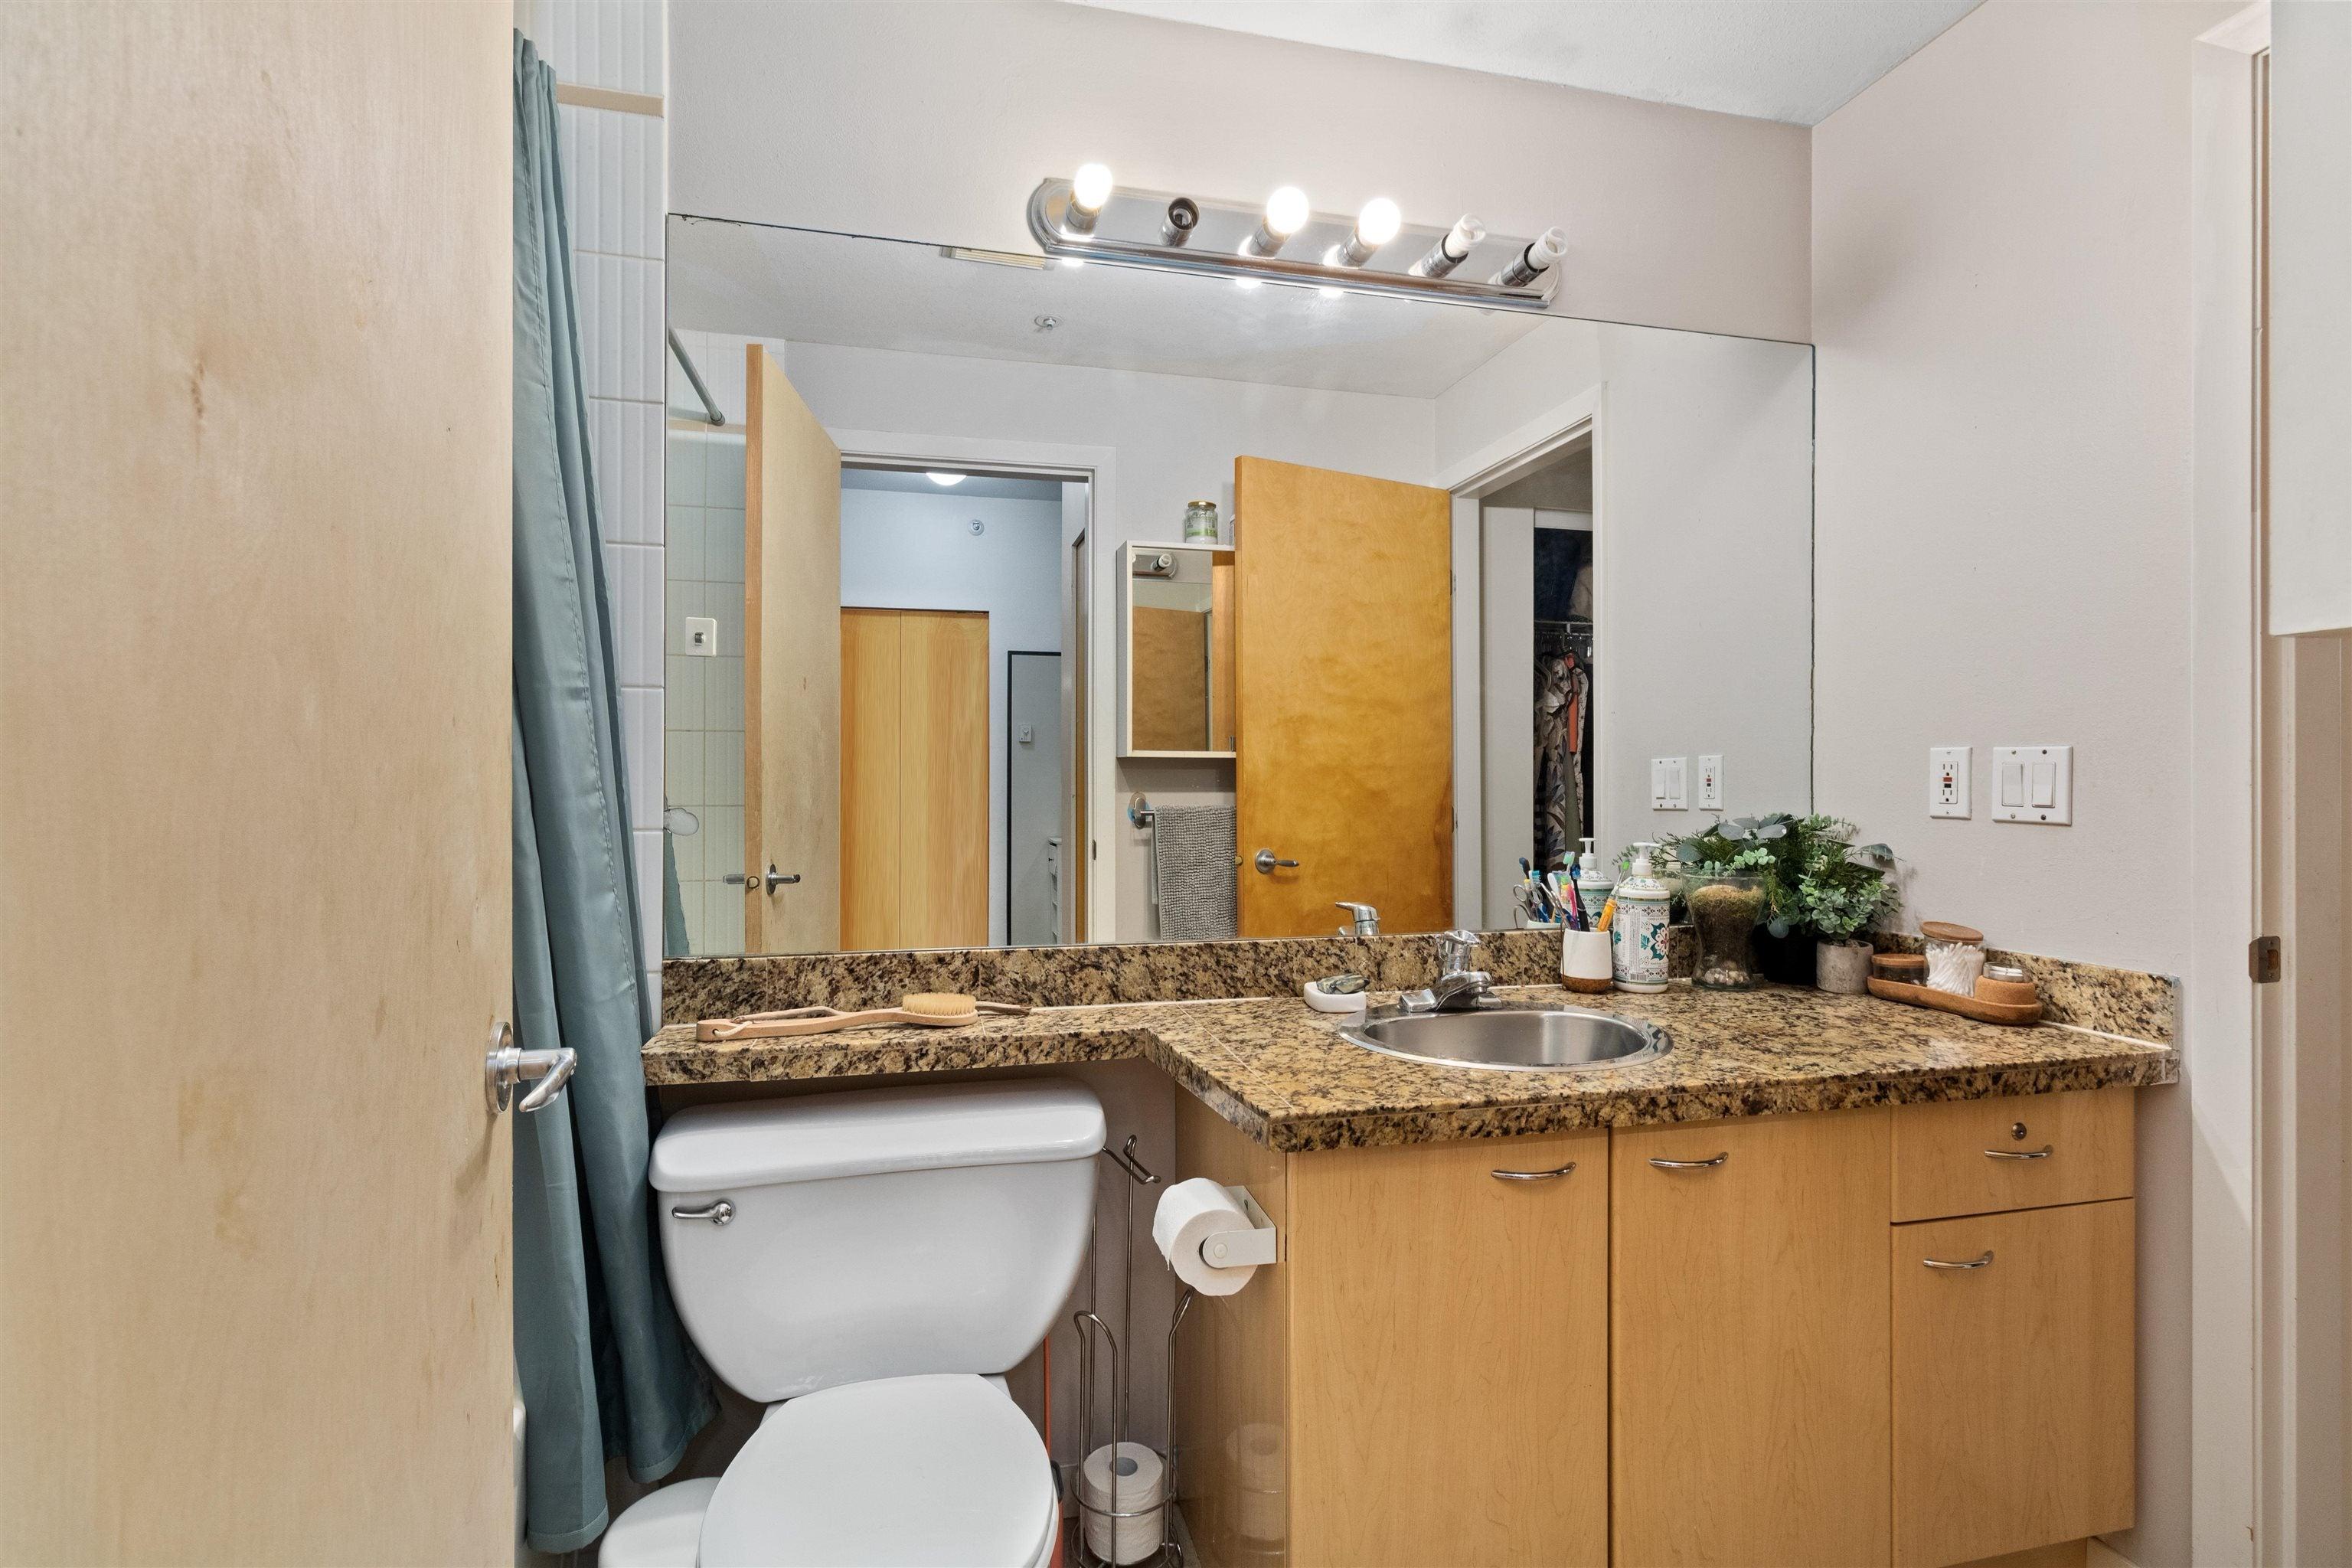 209 2228 MARSTRAND AVENUE - Kitsilano Apartment/Condo for sale, 1 Bedroom (R2617246) - #14